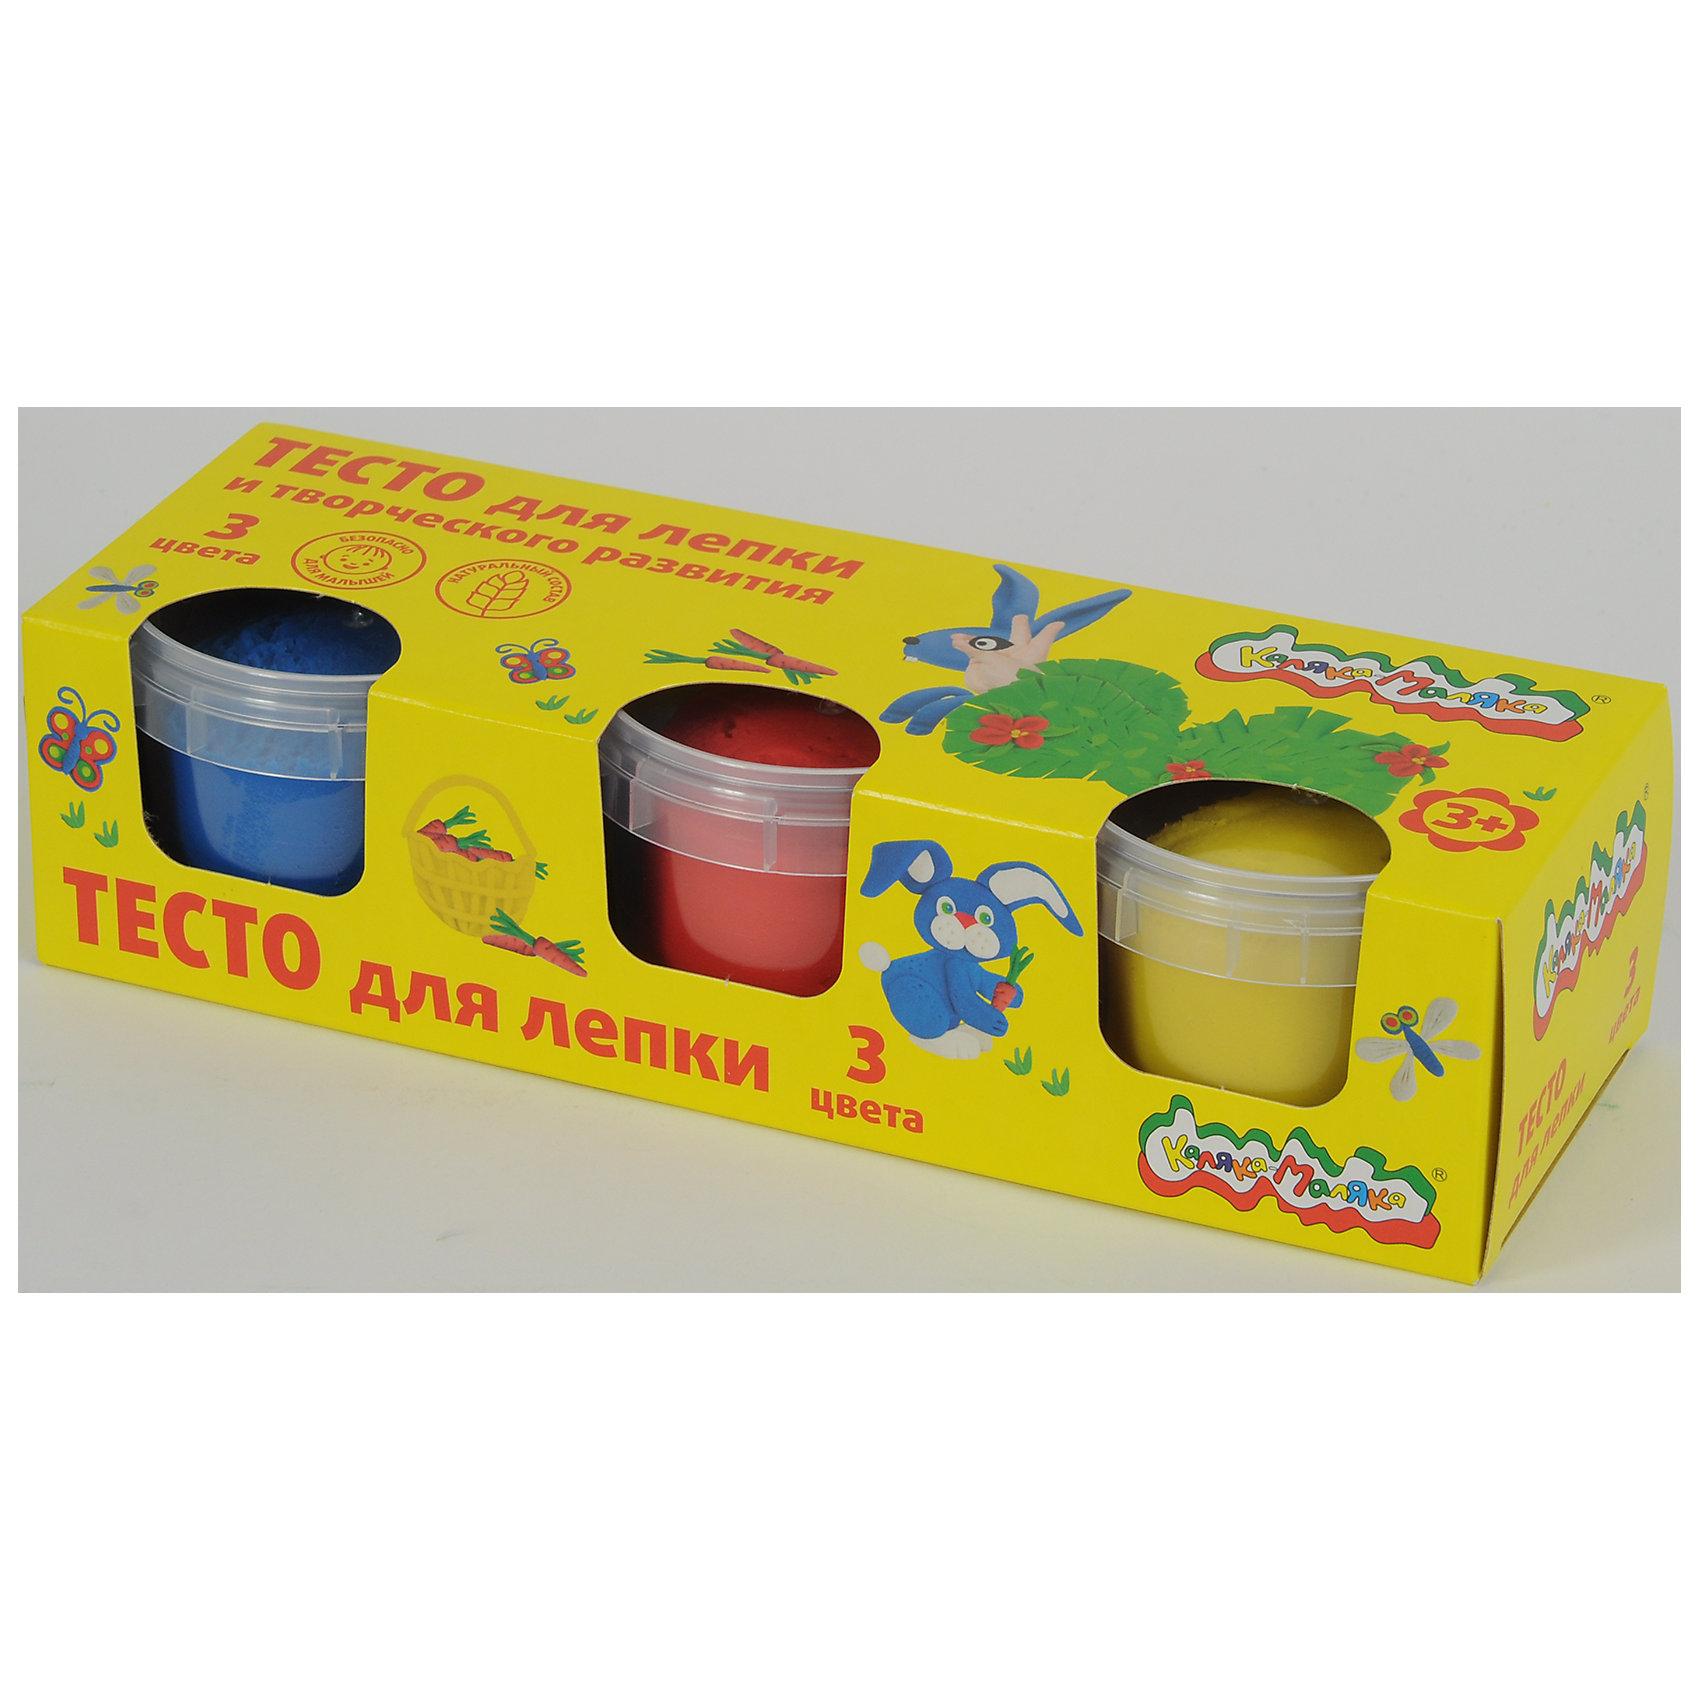 Тесто для лепки Каляка-Маляка, 5 цветов по 90 гТесто для лепки<br>Лепка – один из самых полезных и доступных с раннего возраста занятий для малышей. Она развивает мелкую моторику, помогает изучить формы и цвета. Тесто  Каляка-Маляка натуральное, более мягкое и лучше подходит для детских пальчиков, чем пластилин. Во всем мире именно тесто для лепки пользуется наибольшим спросом у родителей детей дошкольного возраста.Тесто сделано в России, и по сравнению с некоторыми китайскими аналогами, оно абсолютно натурально - на основе муки и растительных компонентов.Очень мягкое, детские пальчики без труда могут его разминать.На вкус тесто соленое, чтобы малыши не стремились положить его в рот.Размер баночки – 90 грамм. Не прилипает к рукам, цвета легко смешиваются. Рекомендовано педагогами.Цвета: красный, желтый, синий.<br><br>Ширина мм: 70<br>Глубина мм: 210<br>Высота мм: 55<br>Вес г: 340<br>Возраст от месяцев: 36<br>Возраст до месяцев: 120<br>Пол: Унисекс<br>Возраст: Детский<br>SKU: 5354231